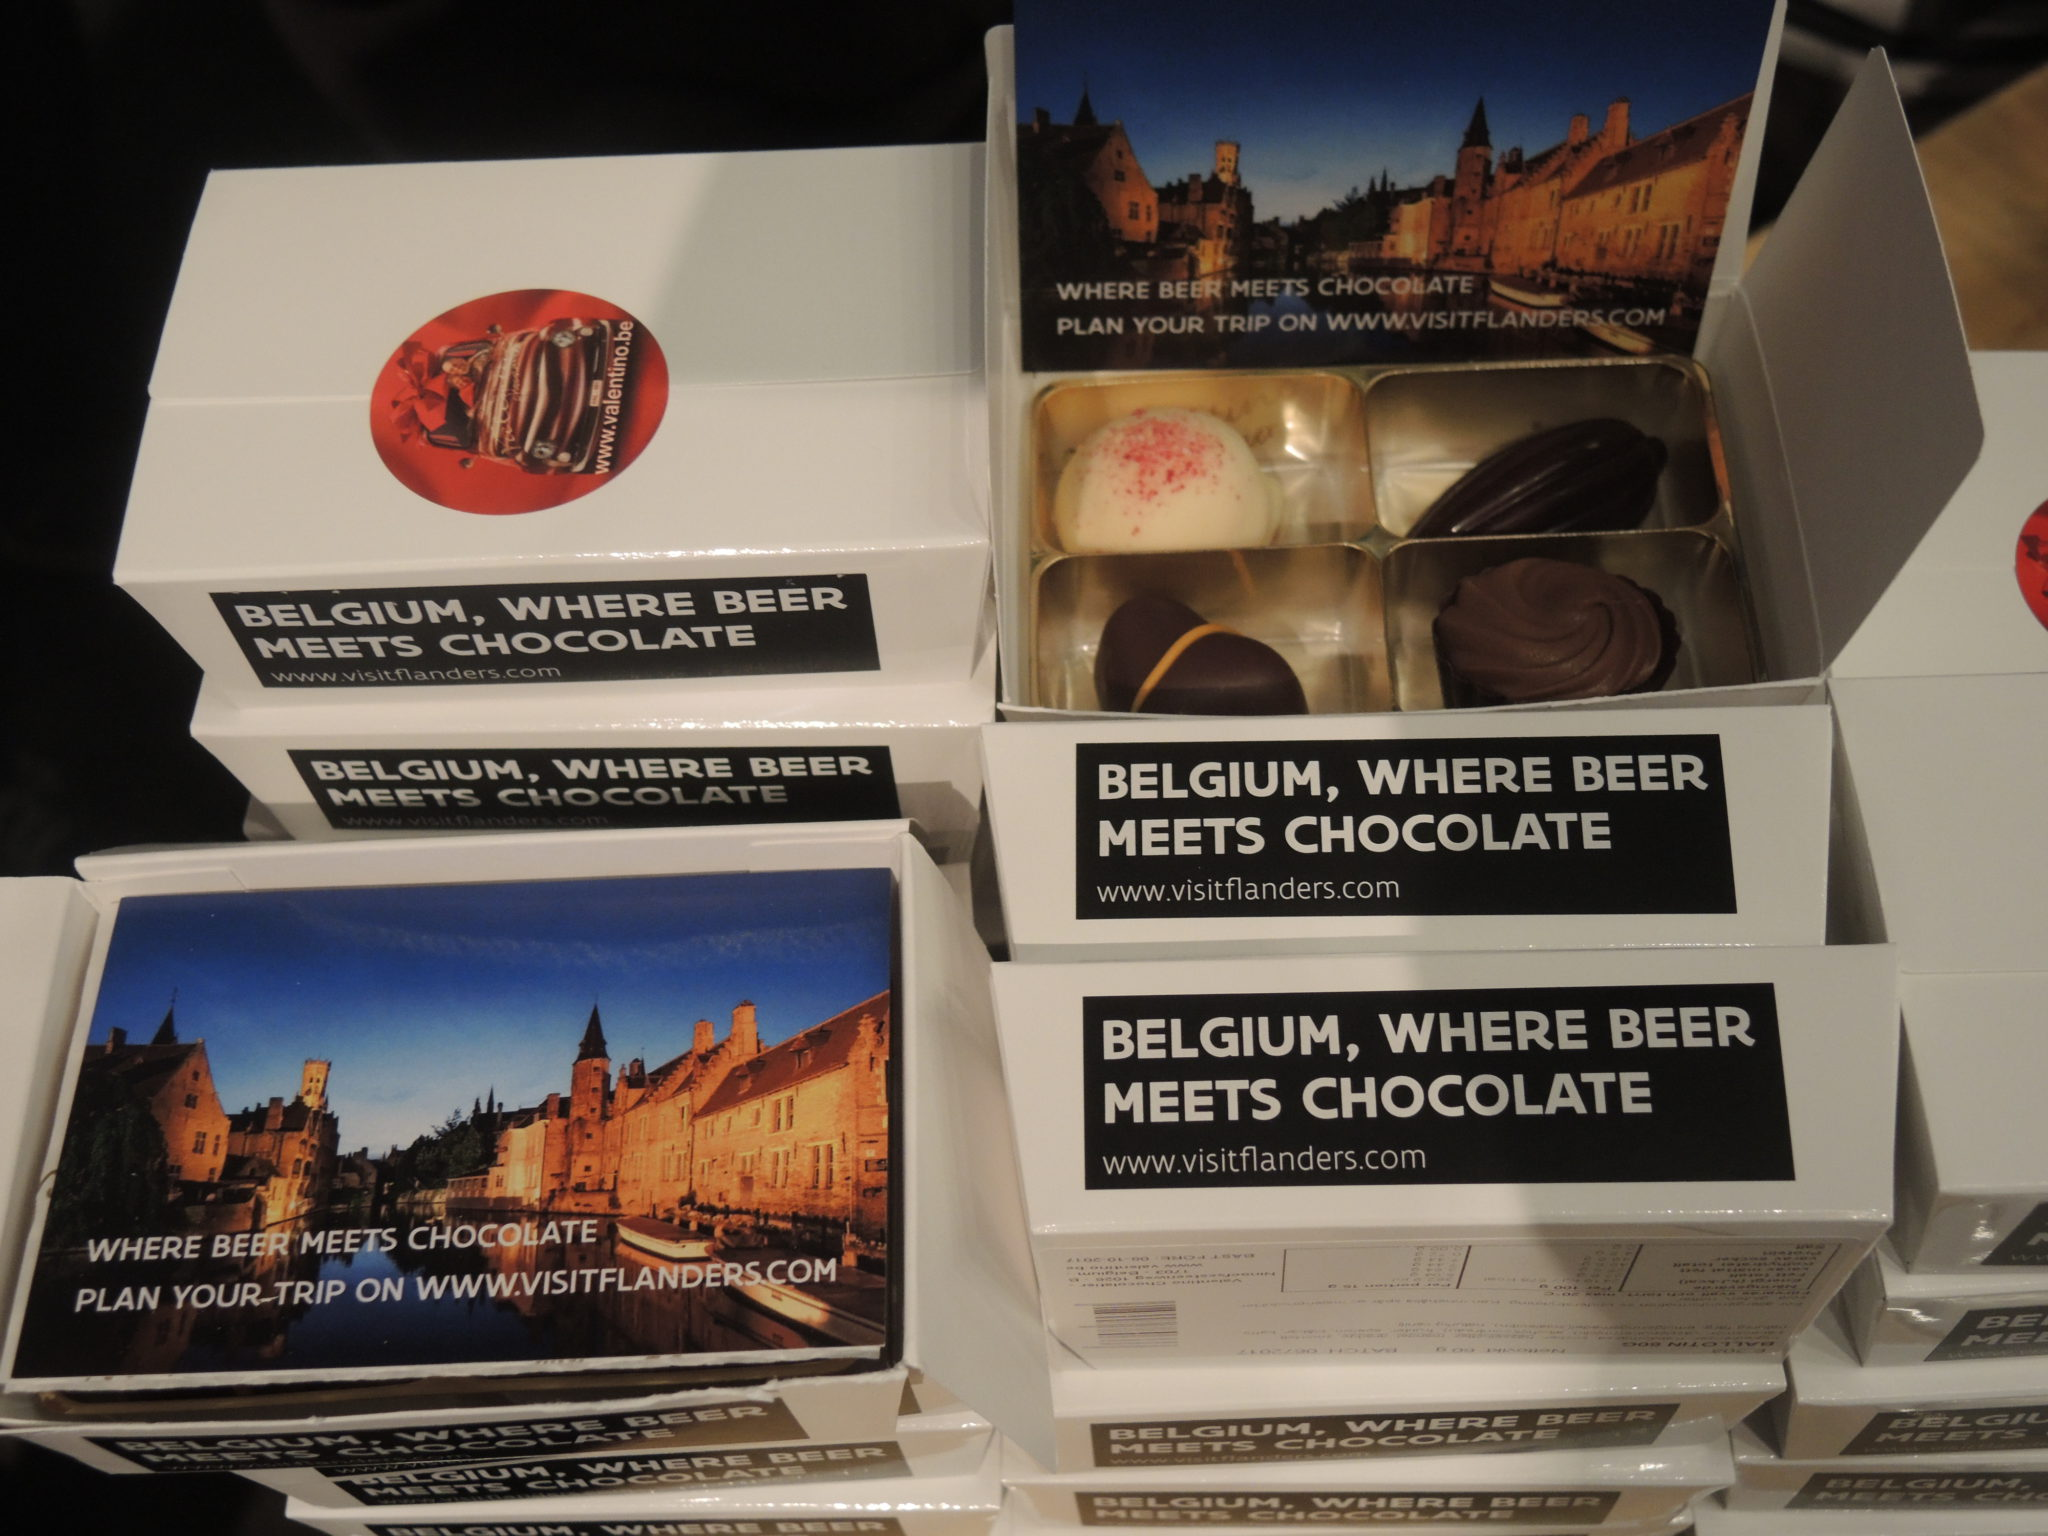 Toerisme-Vlaanderen-Bierfestival-GOT-Mar178 Toerisme Vlaanderen Bierfestival GOT Mar17